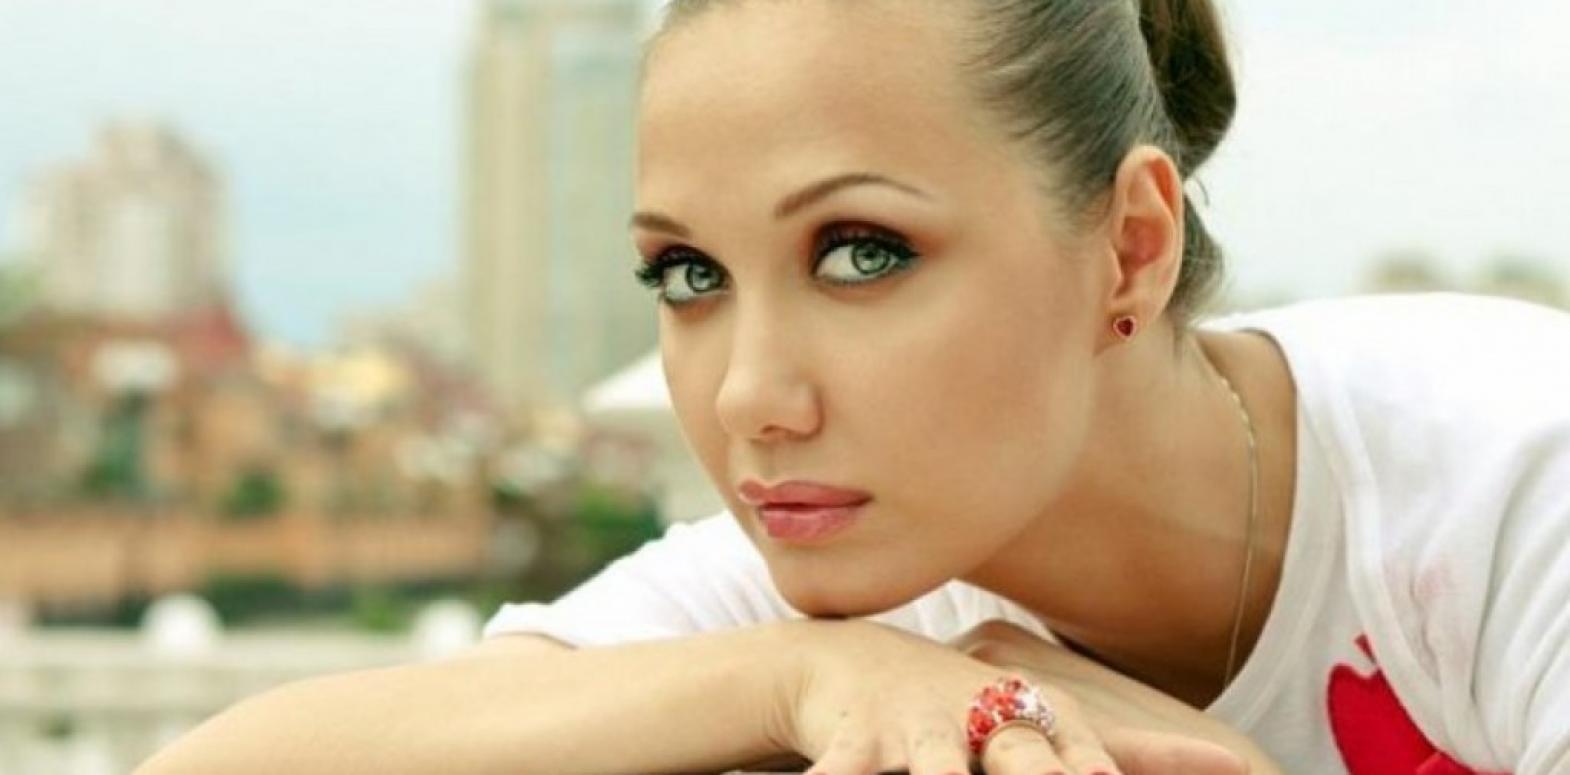 Евгения Власова опубликовала новые фото после болезни